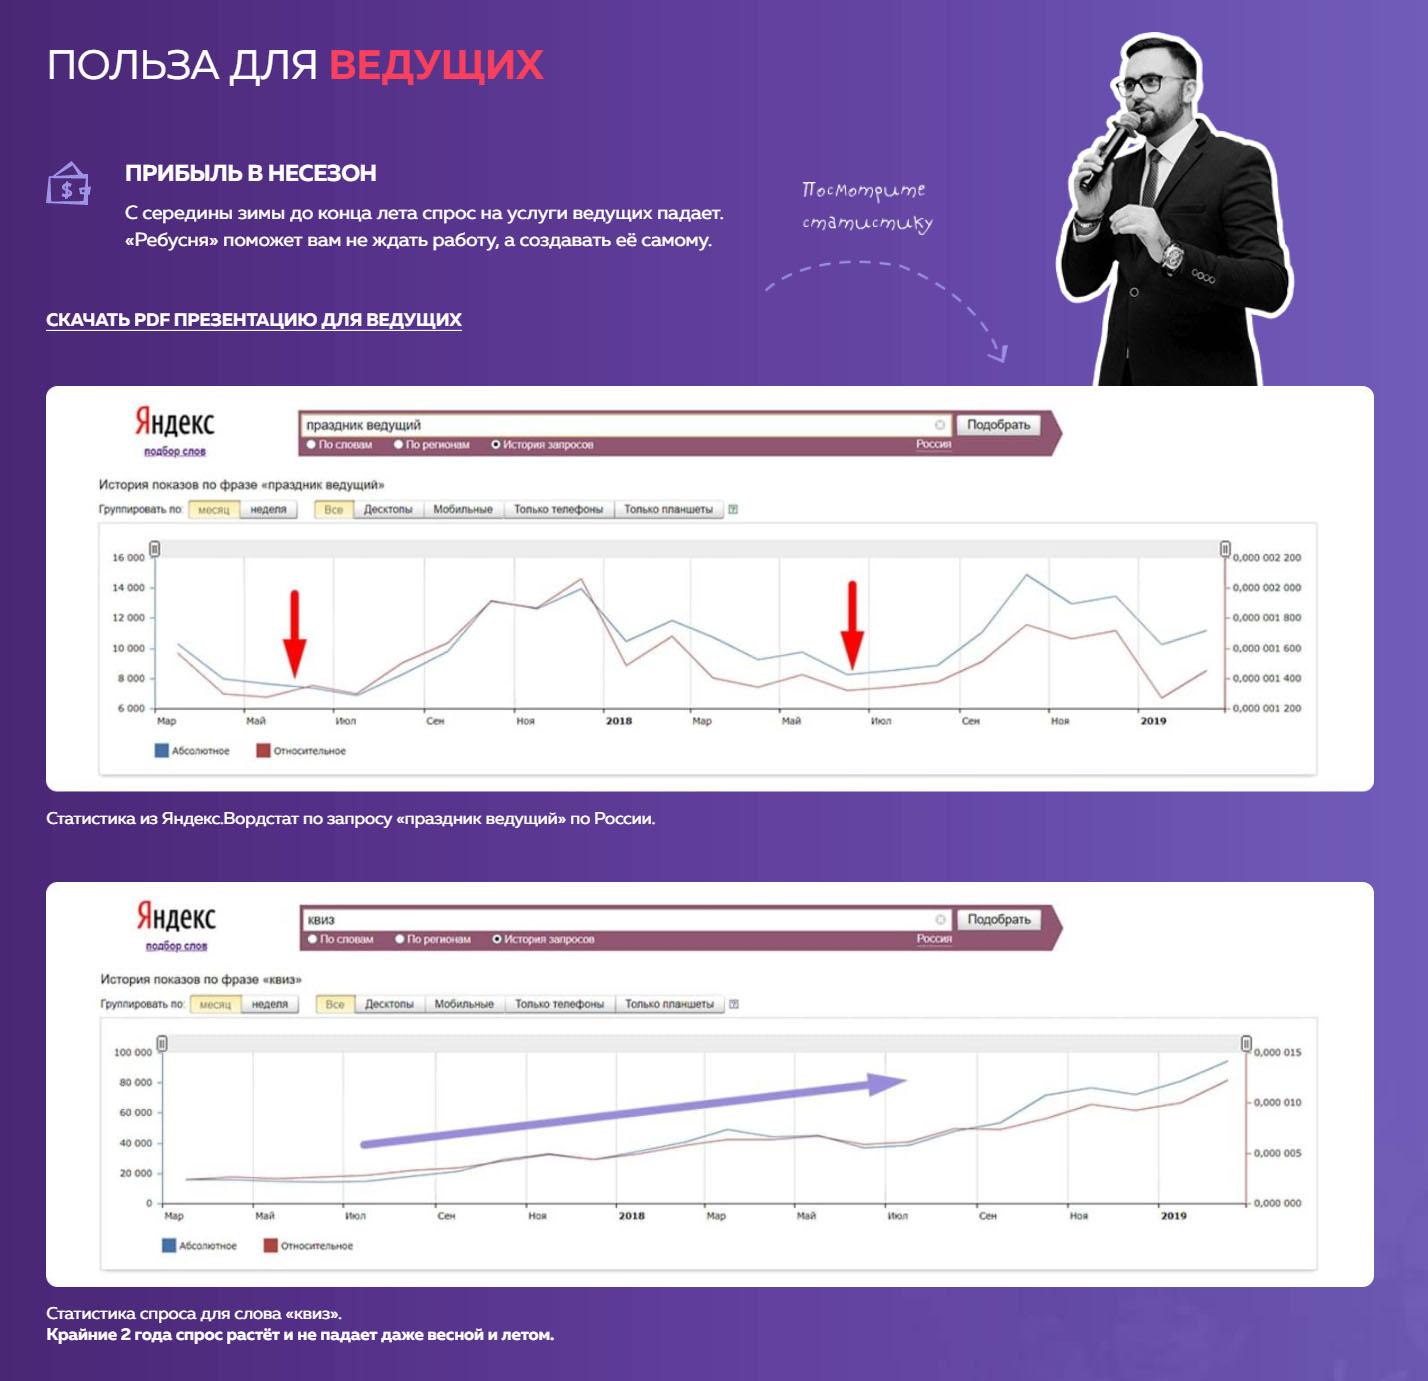 Как вызвать доверие на сайте – пример иллюстрации экономической выгоды